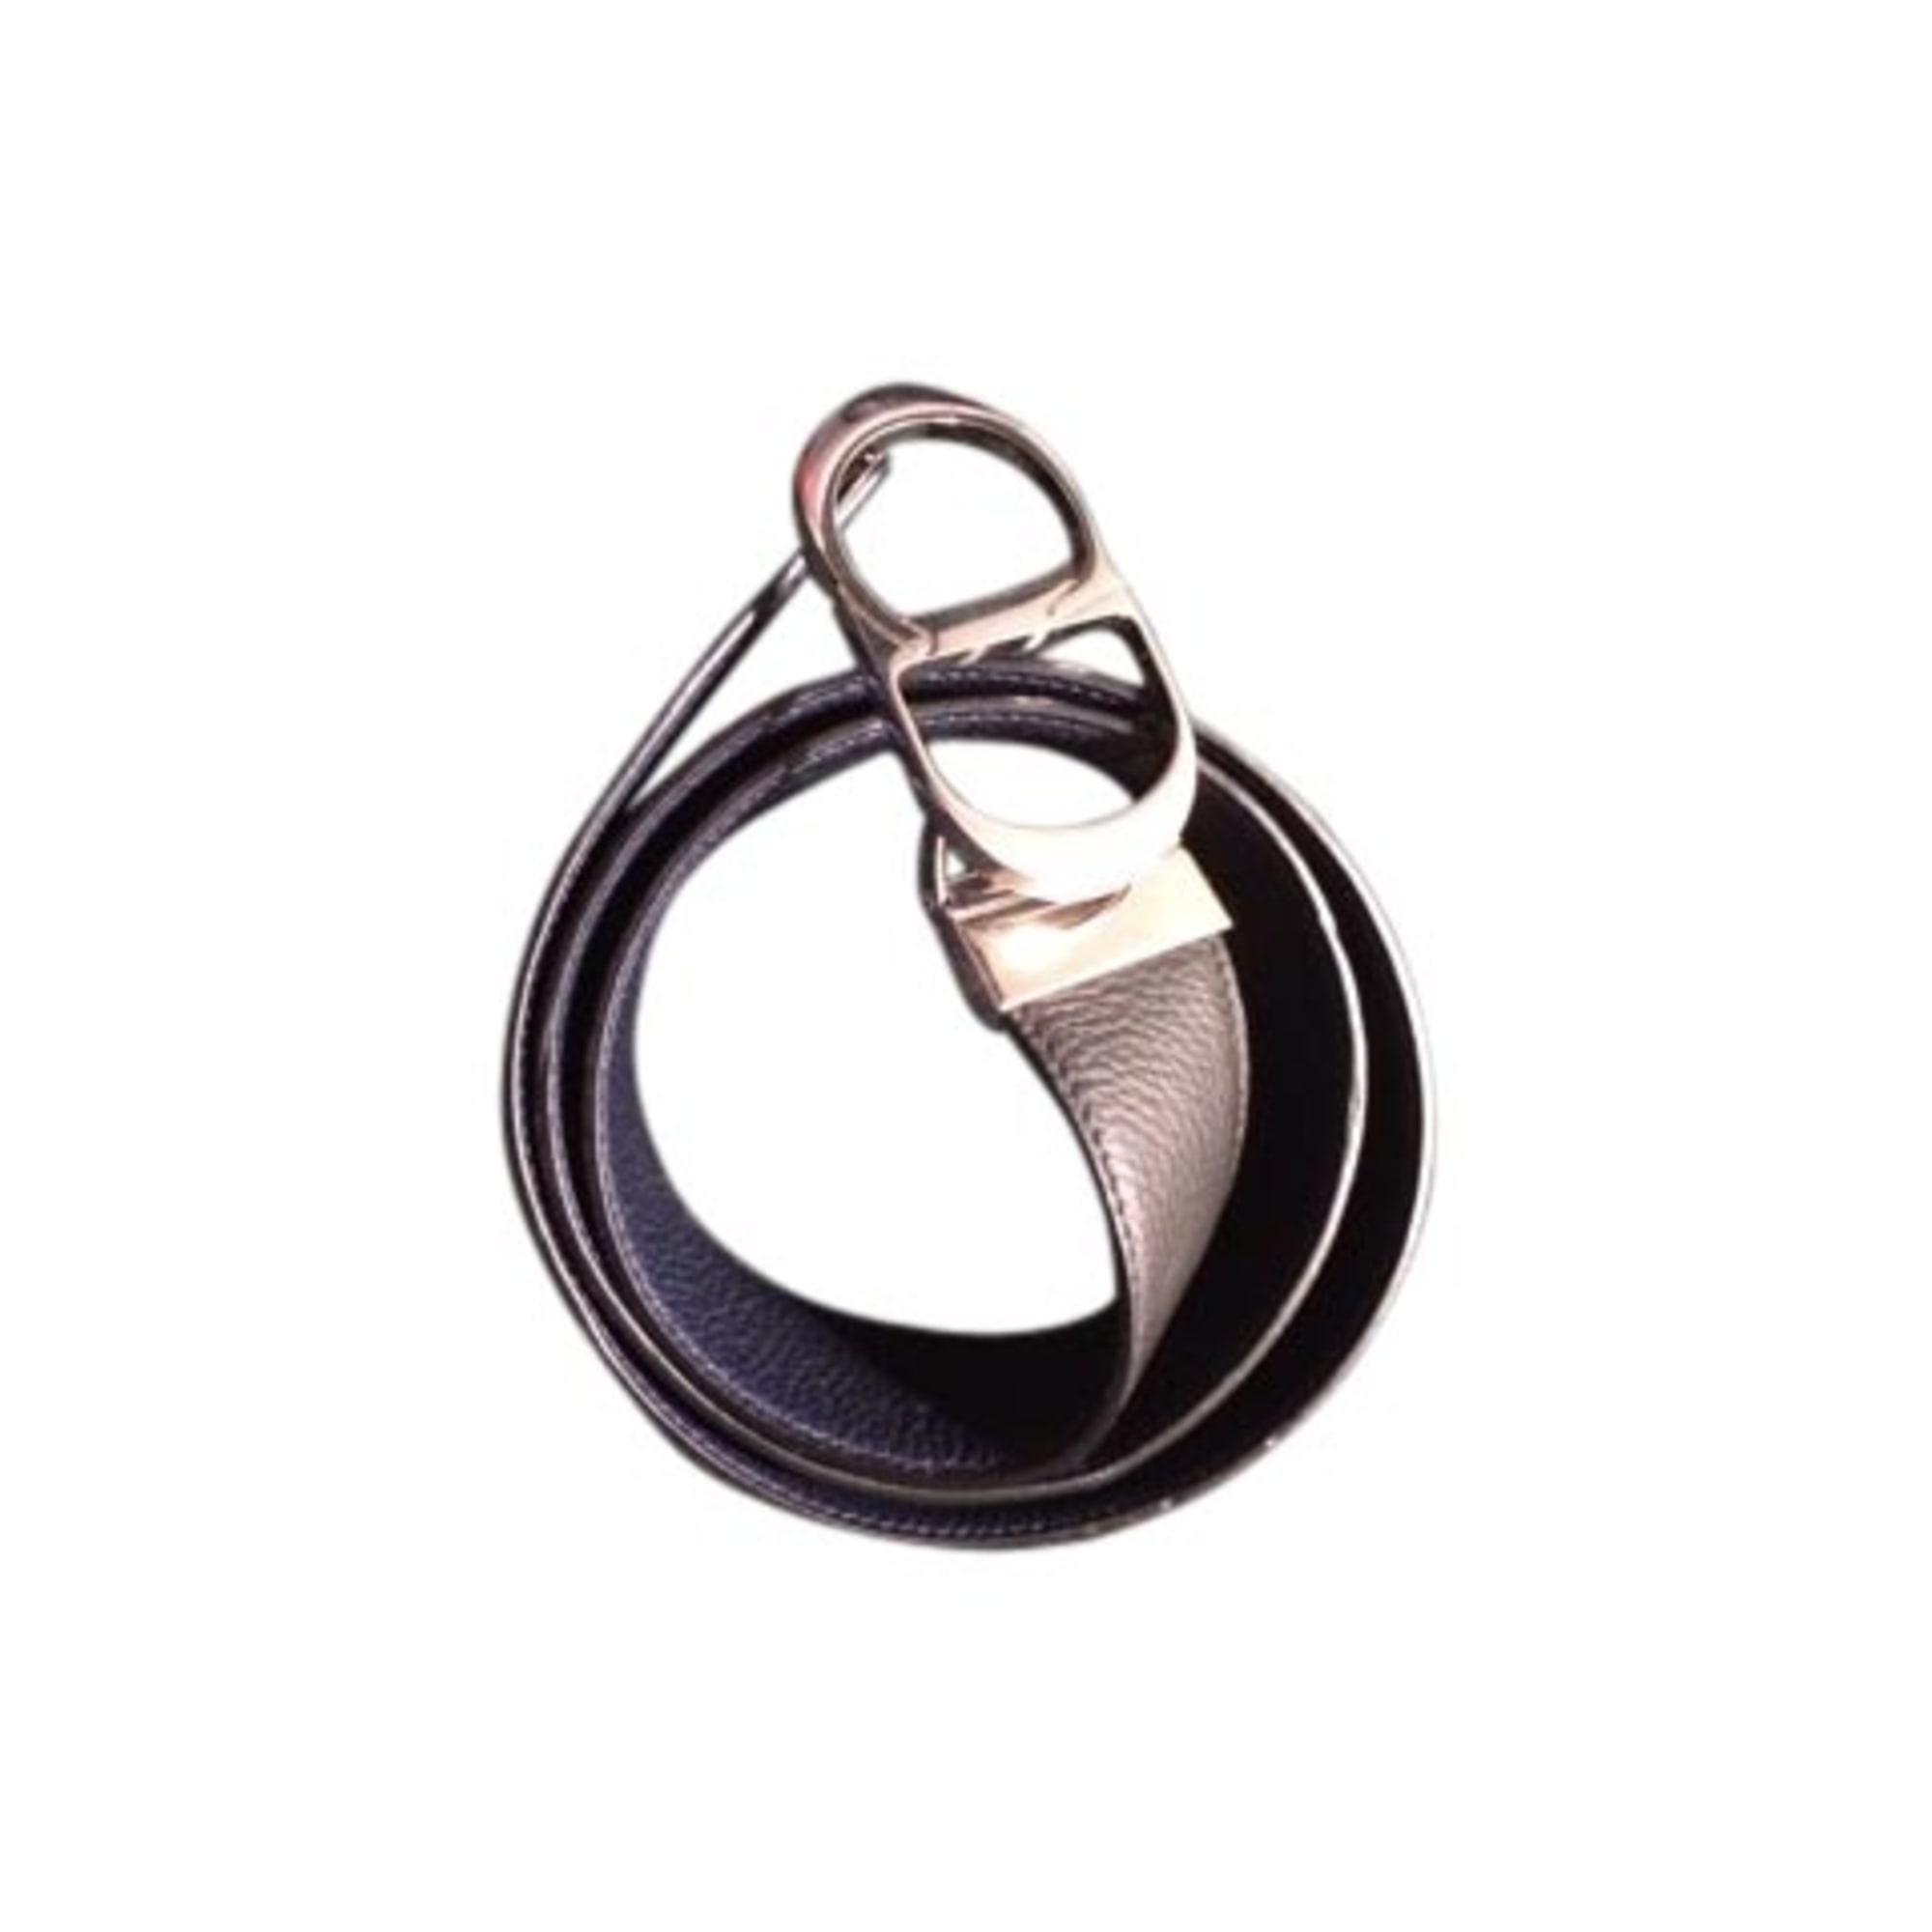 Ceinture DIOR HOMME 90 noir - 2198929 635e1230e871